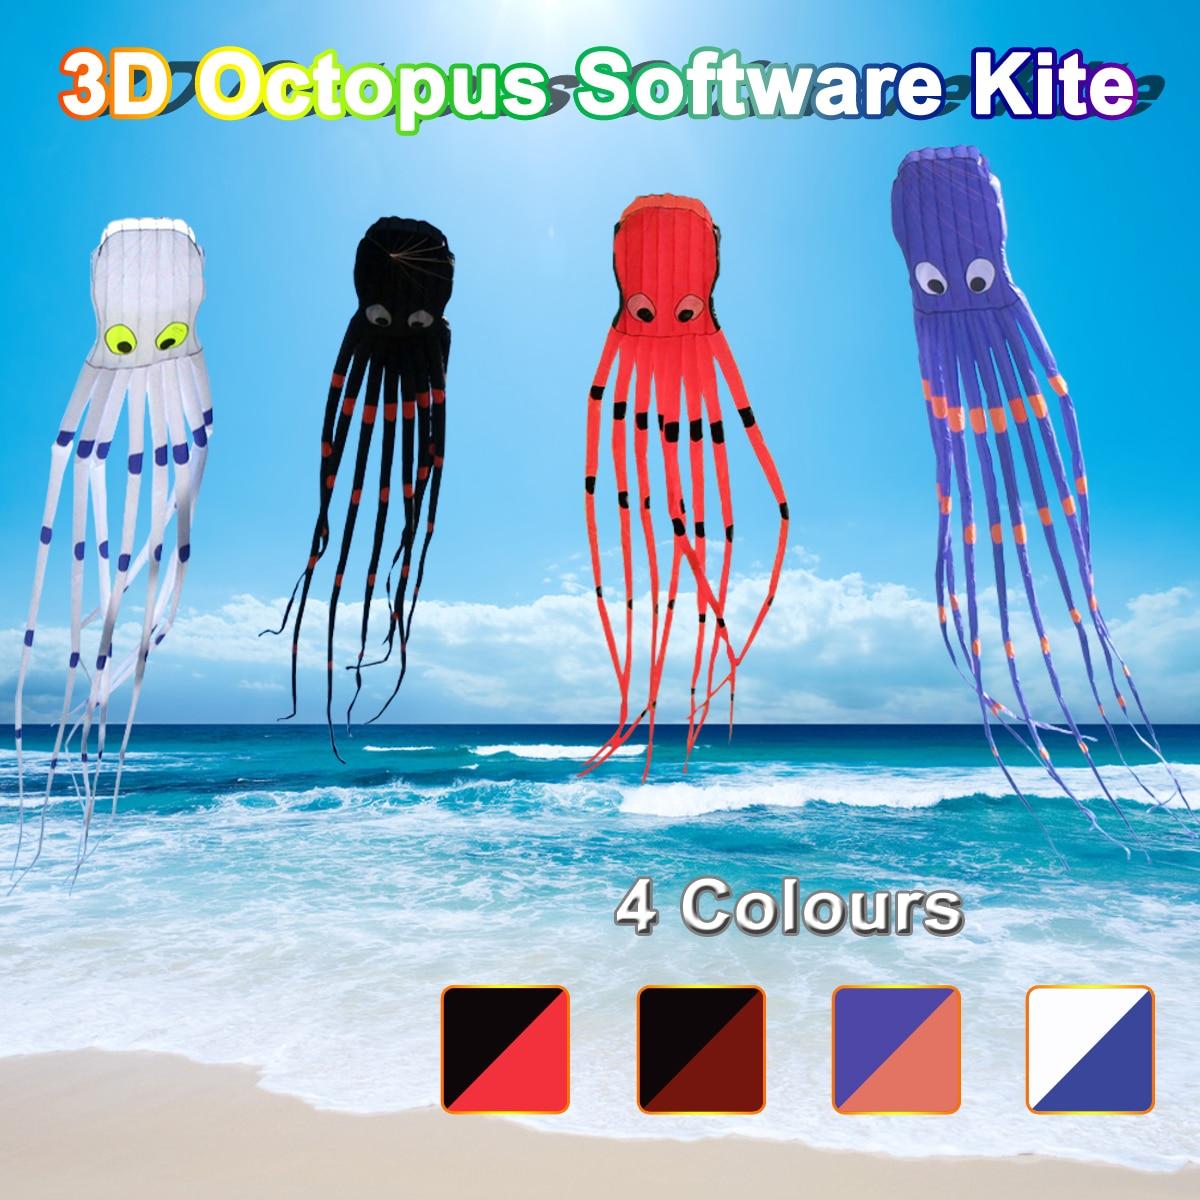 3D Octopus Nylon Kite Outdoor Sport 8M Flying Software Long Tail Kites Toys Huge Kite For Children Kids